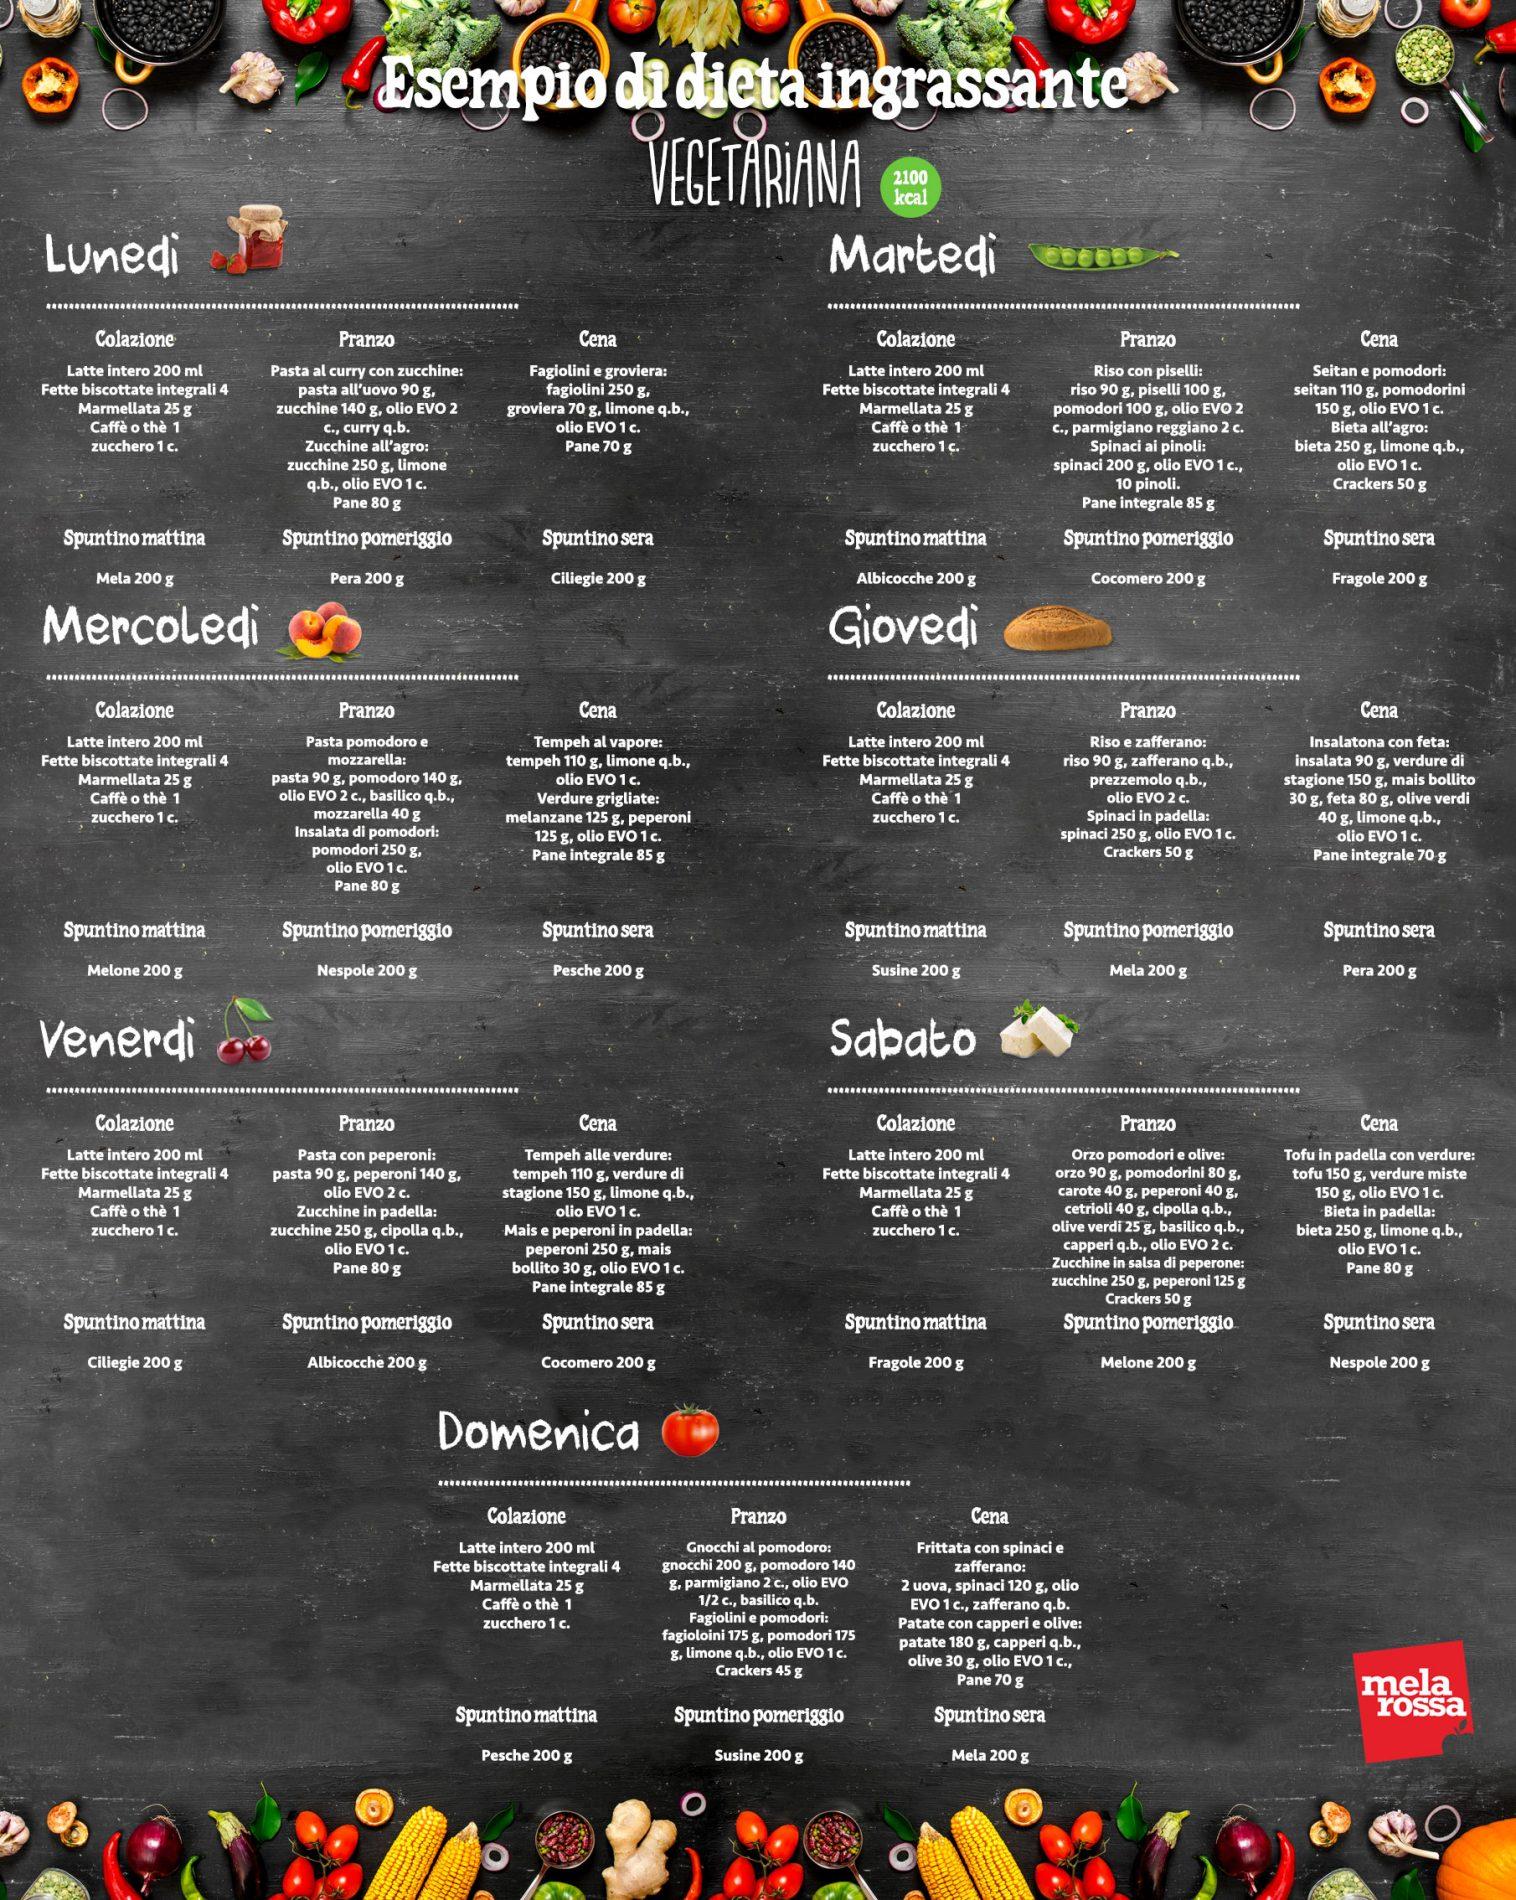 dieta per ingrassare vegetariana: esempi di menu